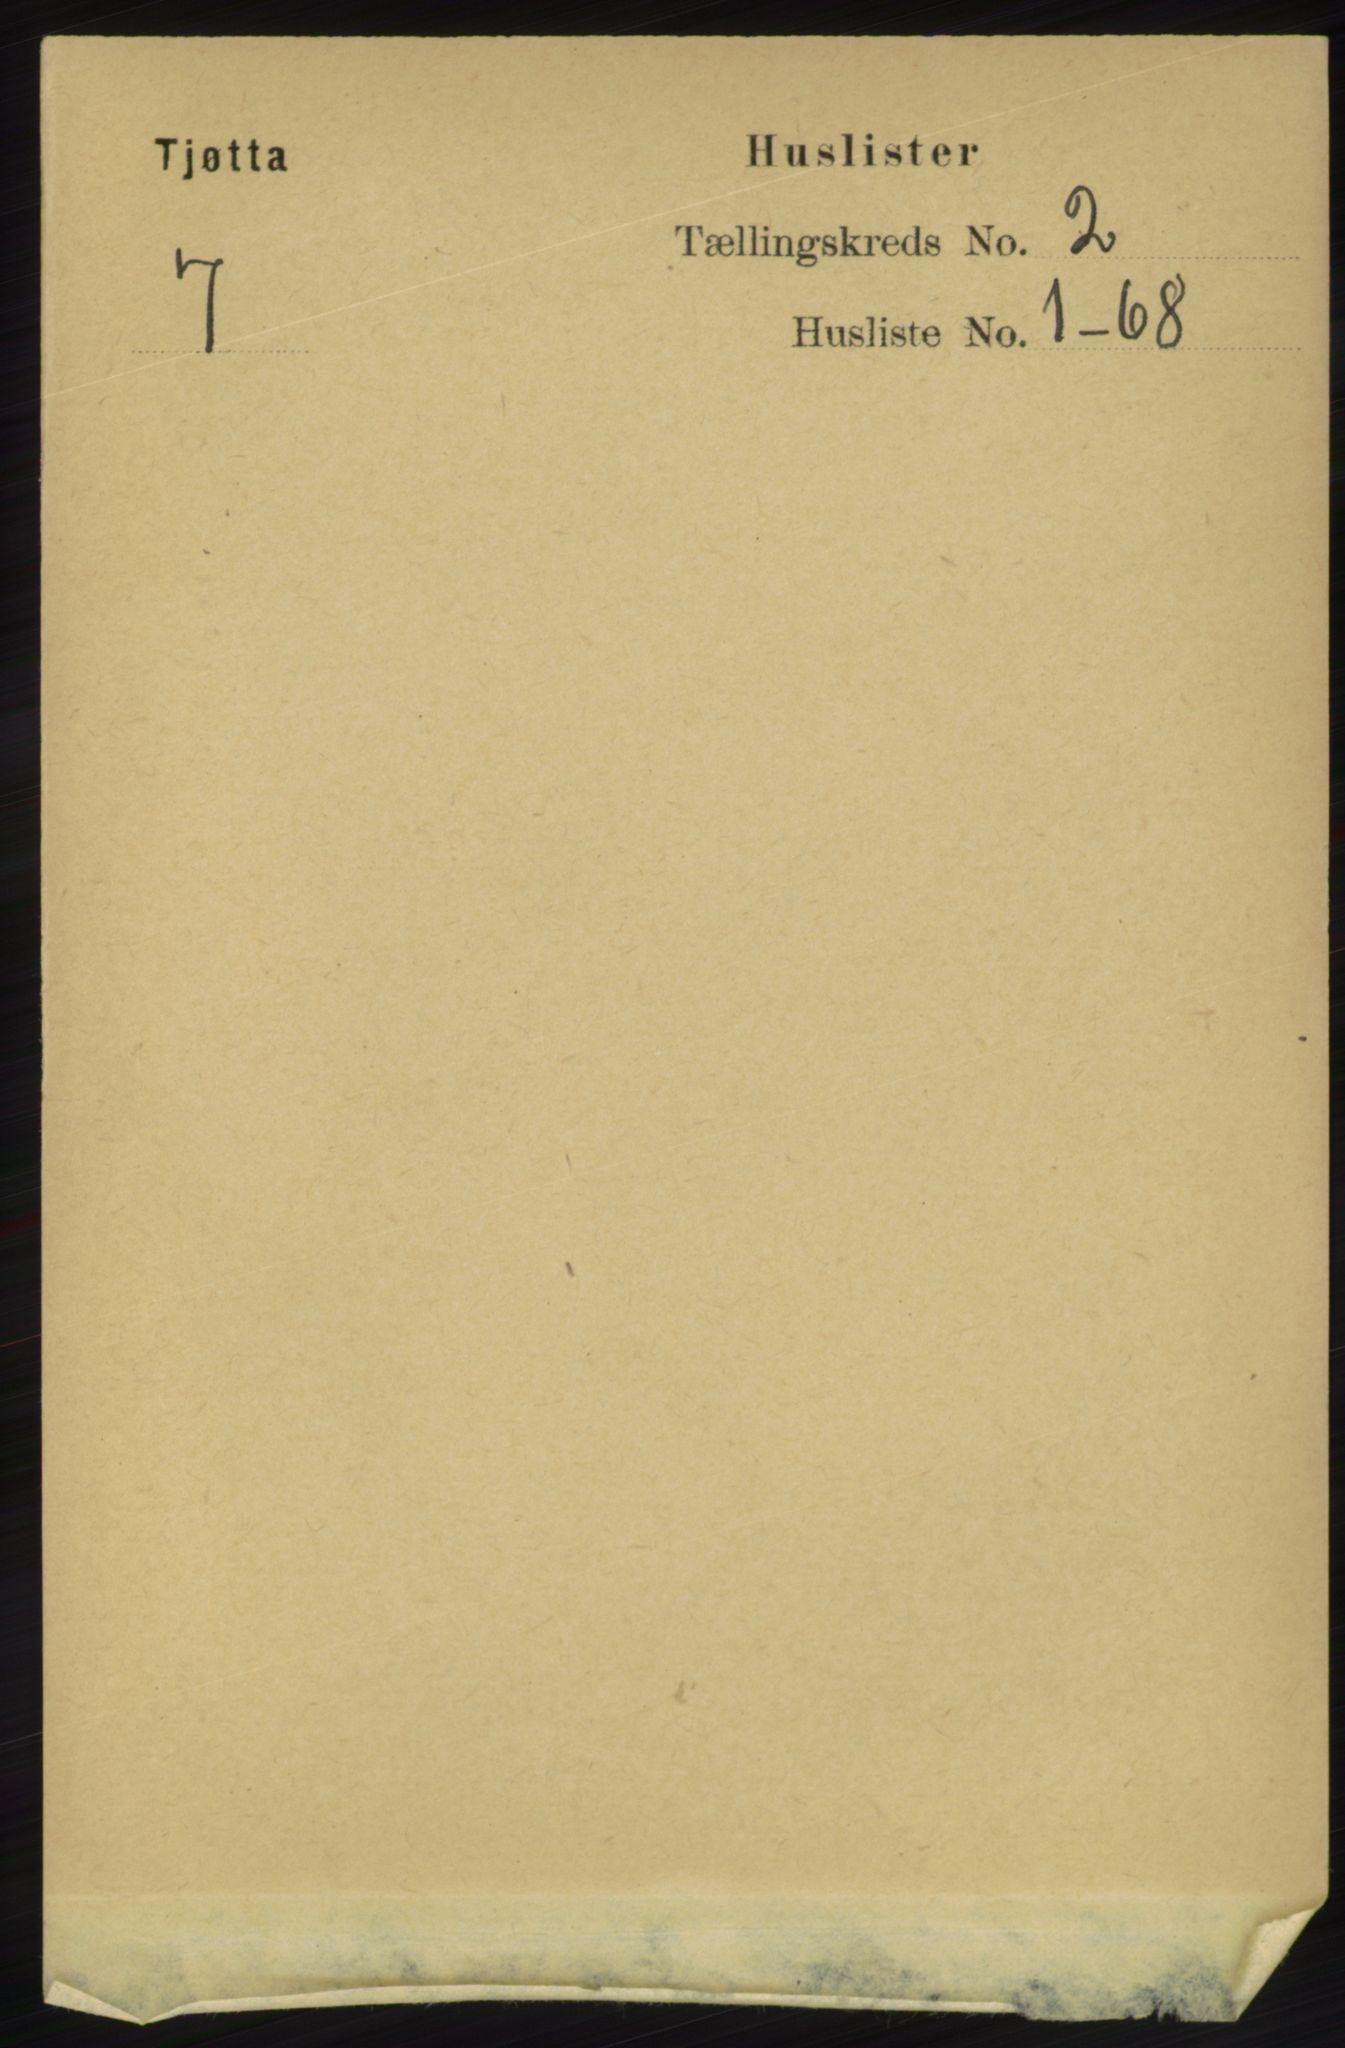 RA, Folketelling 1891 for 1817 Tjøtta herred, 1891, s. 824